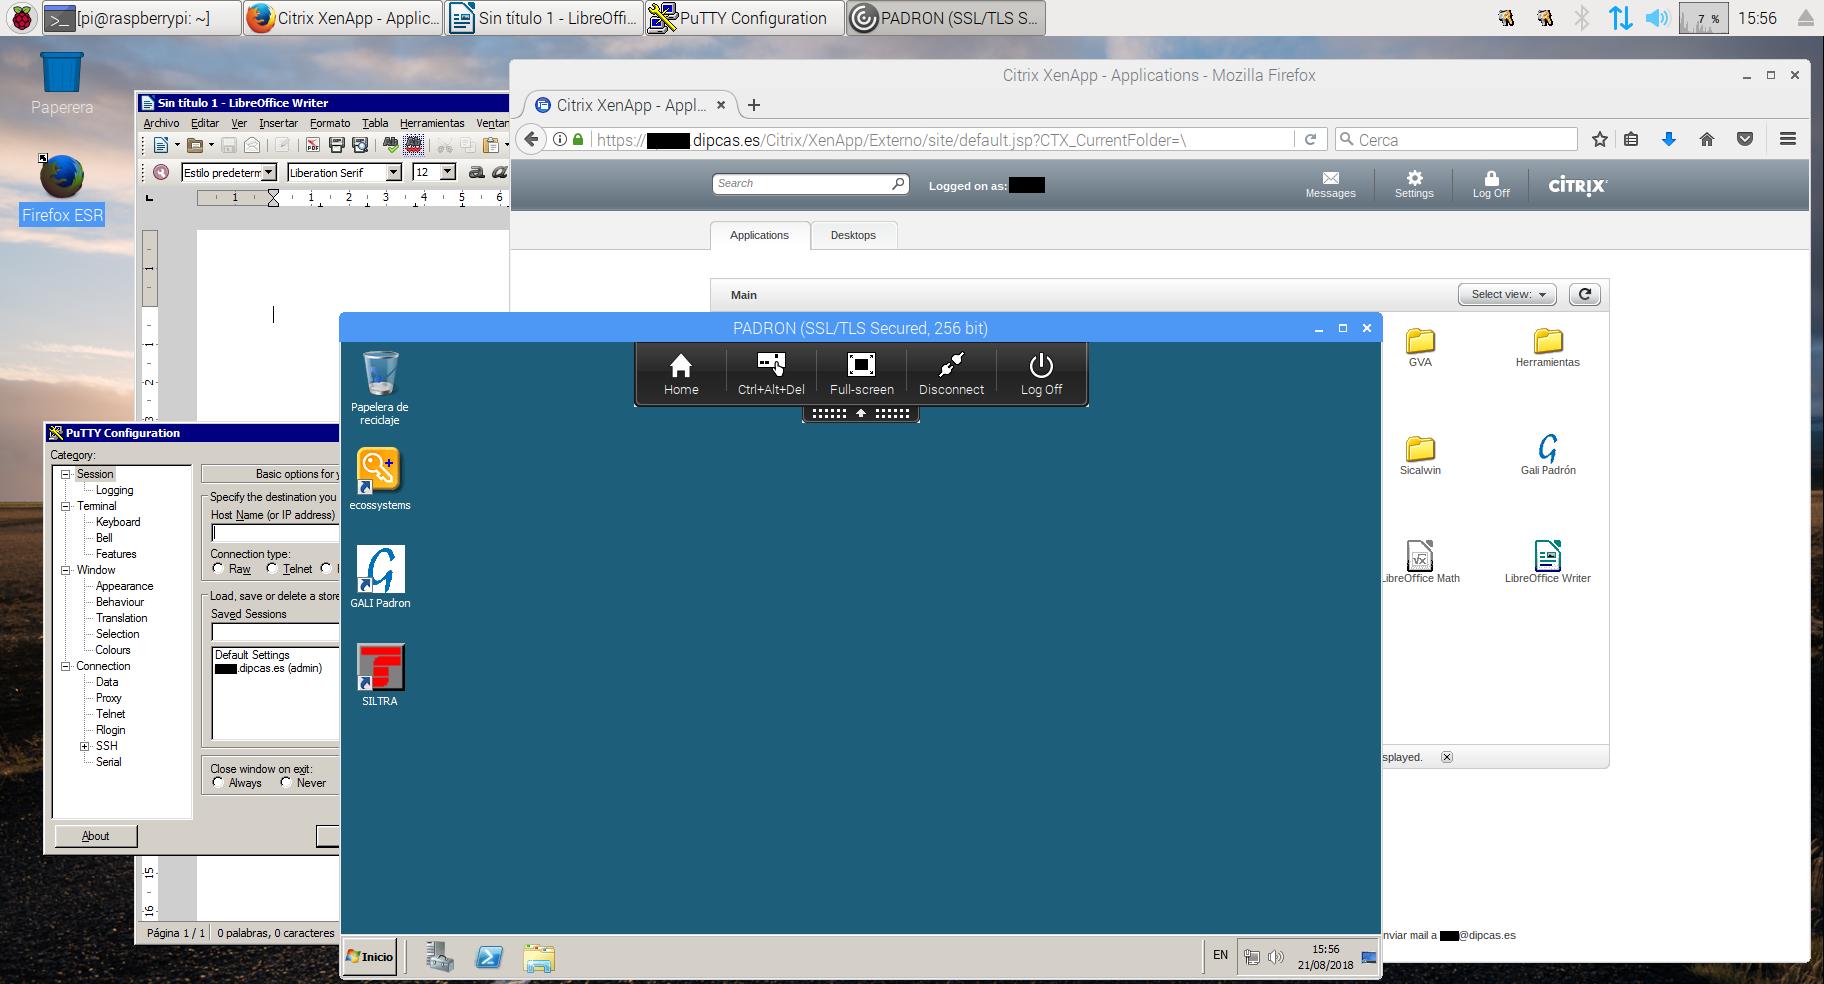 Configurant la Raspberry Pi 2 com a Thinclient amb Raspbian + CITRIX i accedint amb un certificat digital